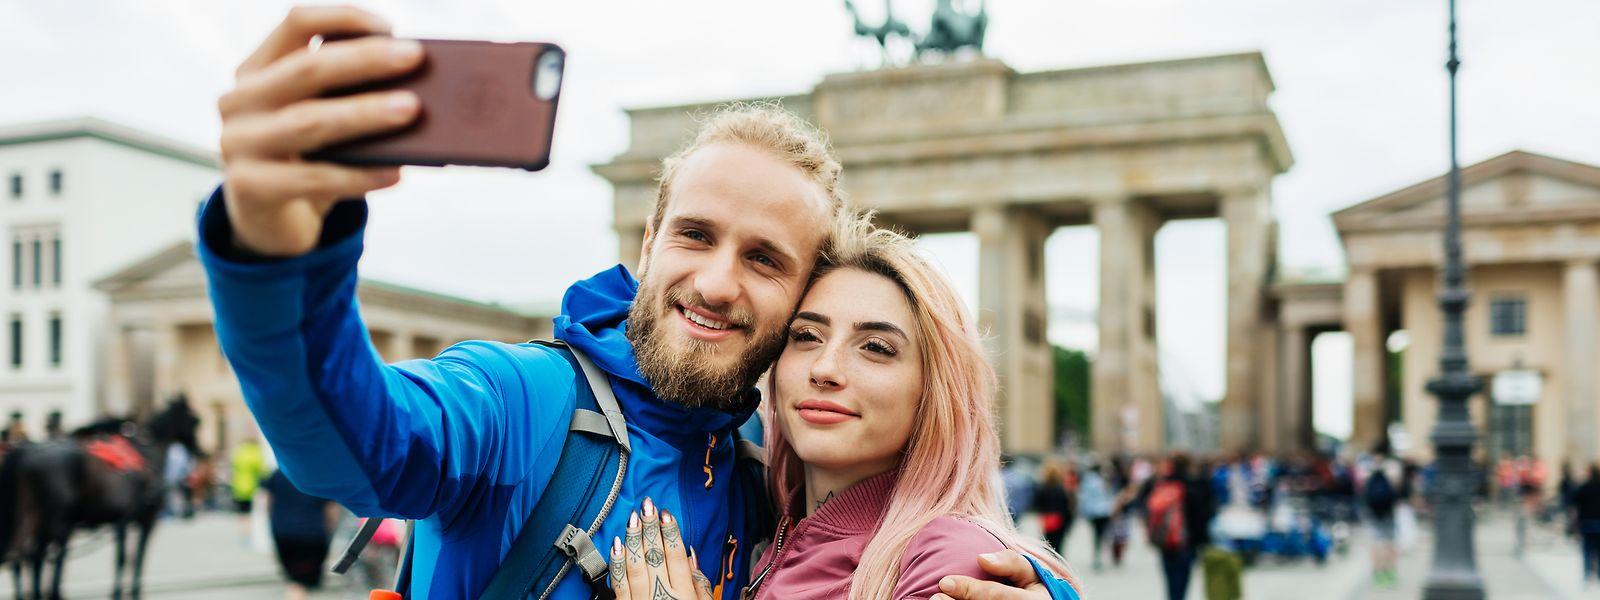 Vernetzt, umweltbewusst, immer online: Millennials auf Reisen